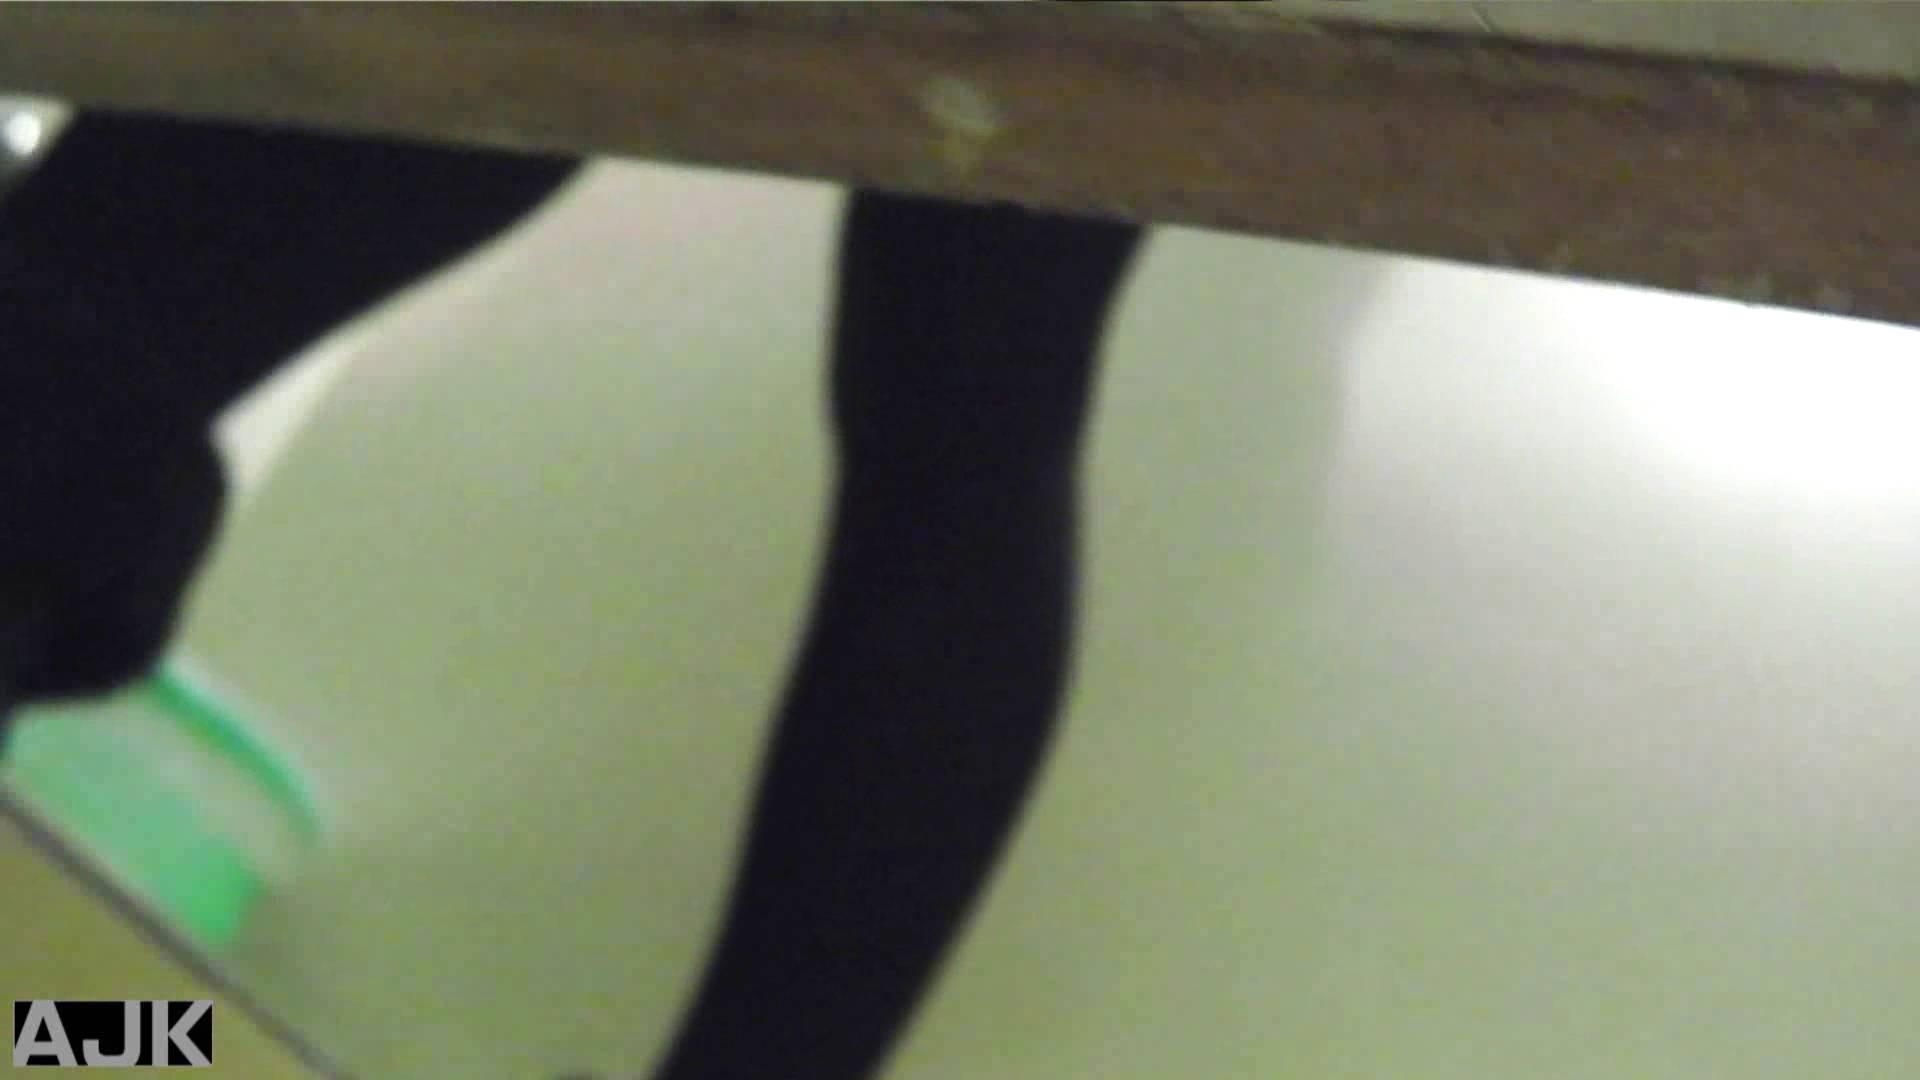 隣国上階級エリアの令嬢たちが集うデパートお手洗い Vol.14 OLの実態  97pic 12